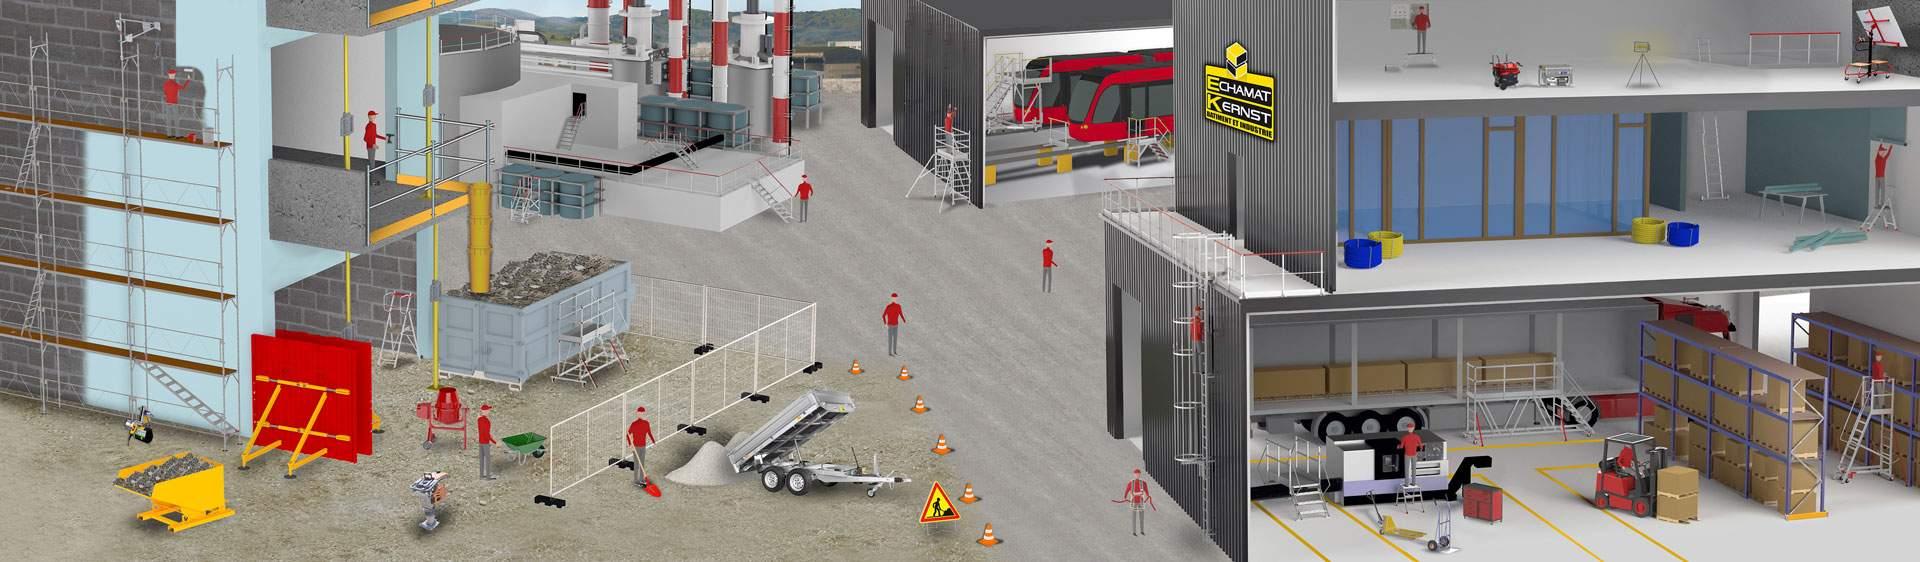 Echamat Kernst : bâtiment et industrie